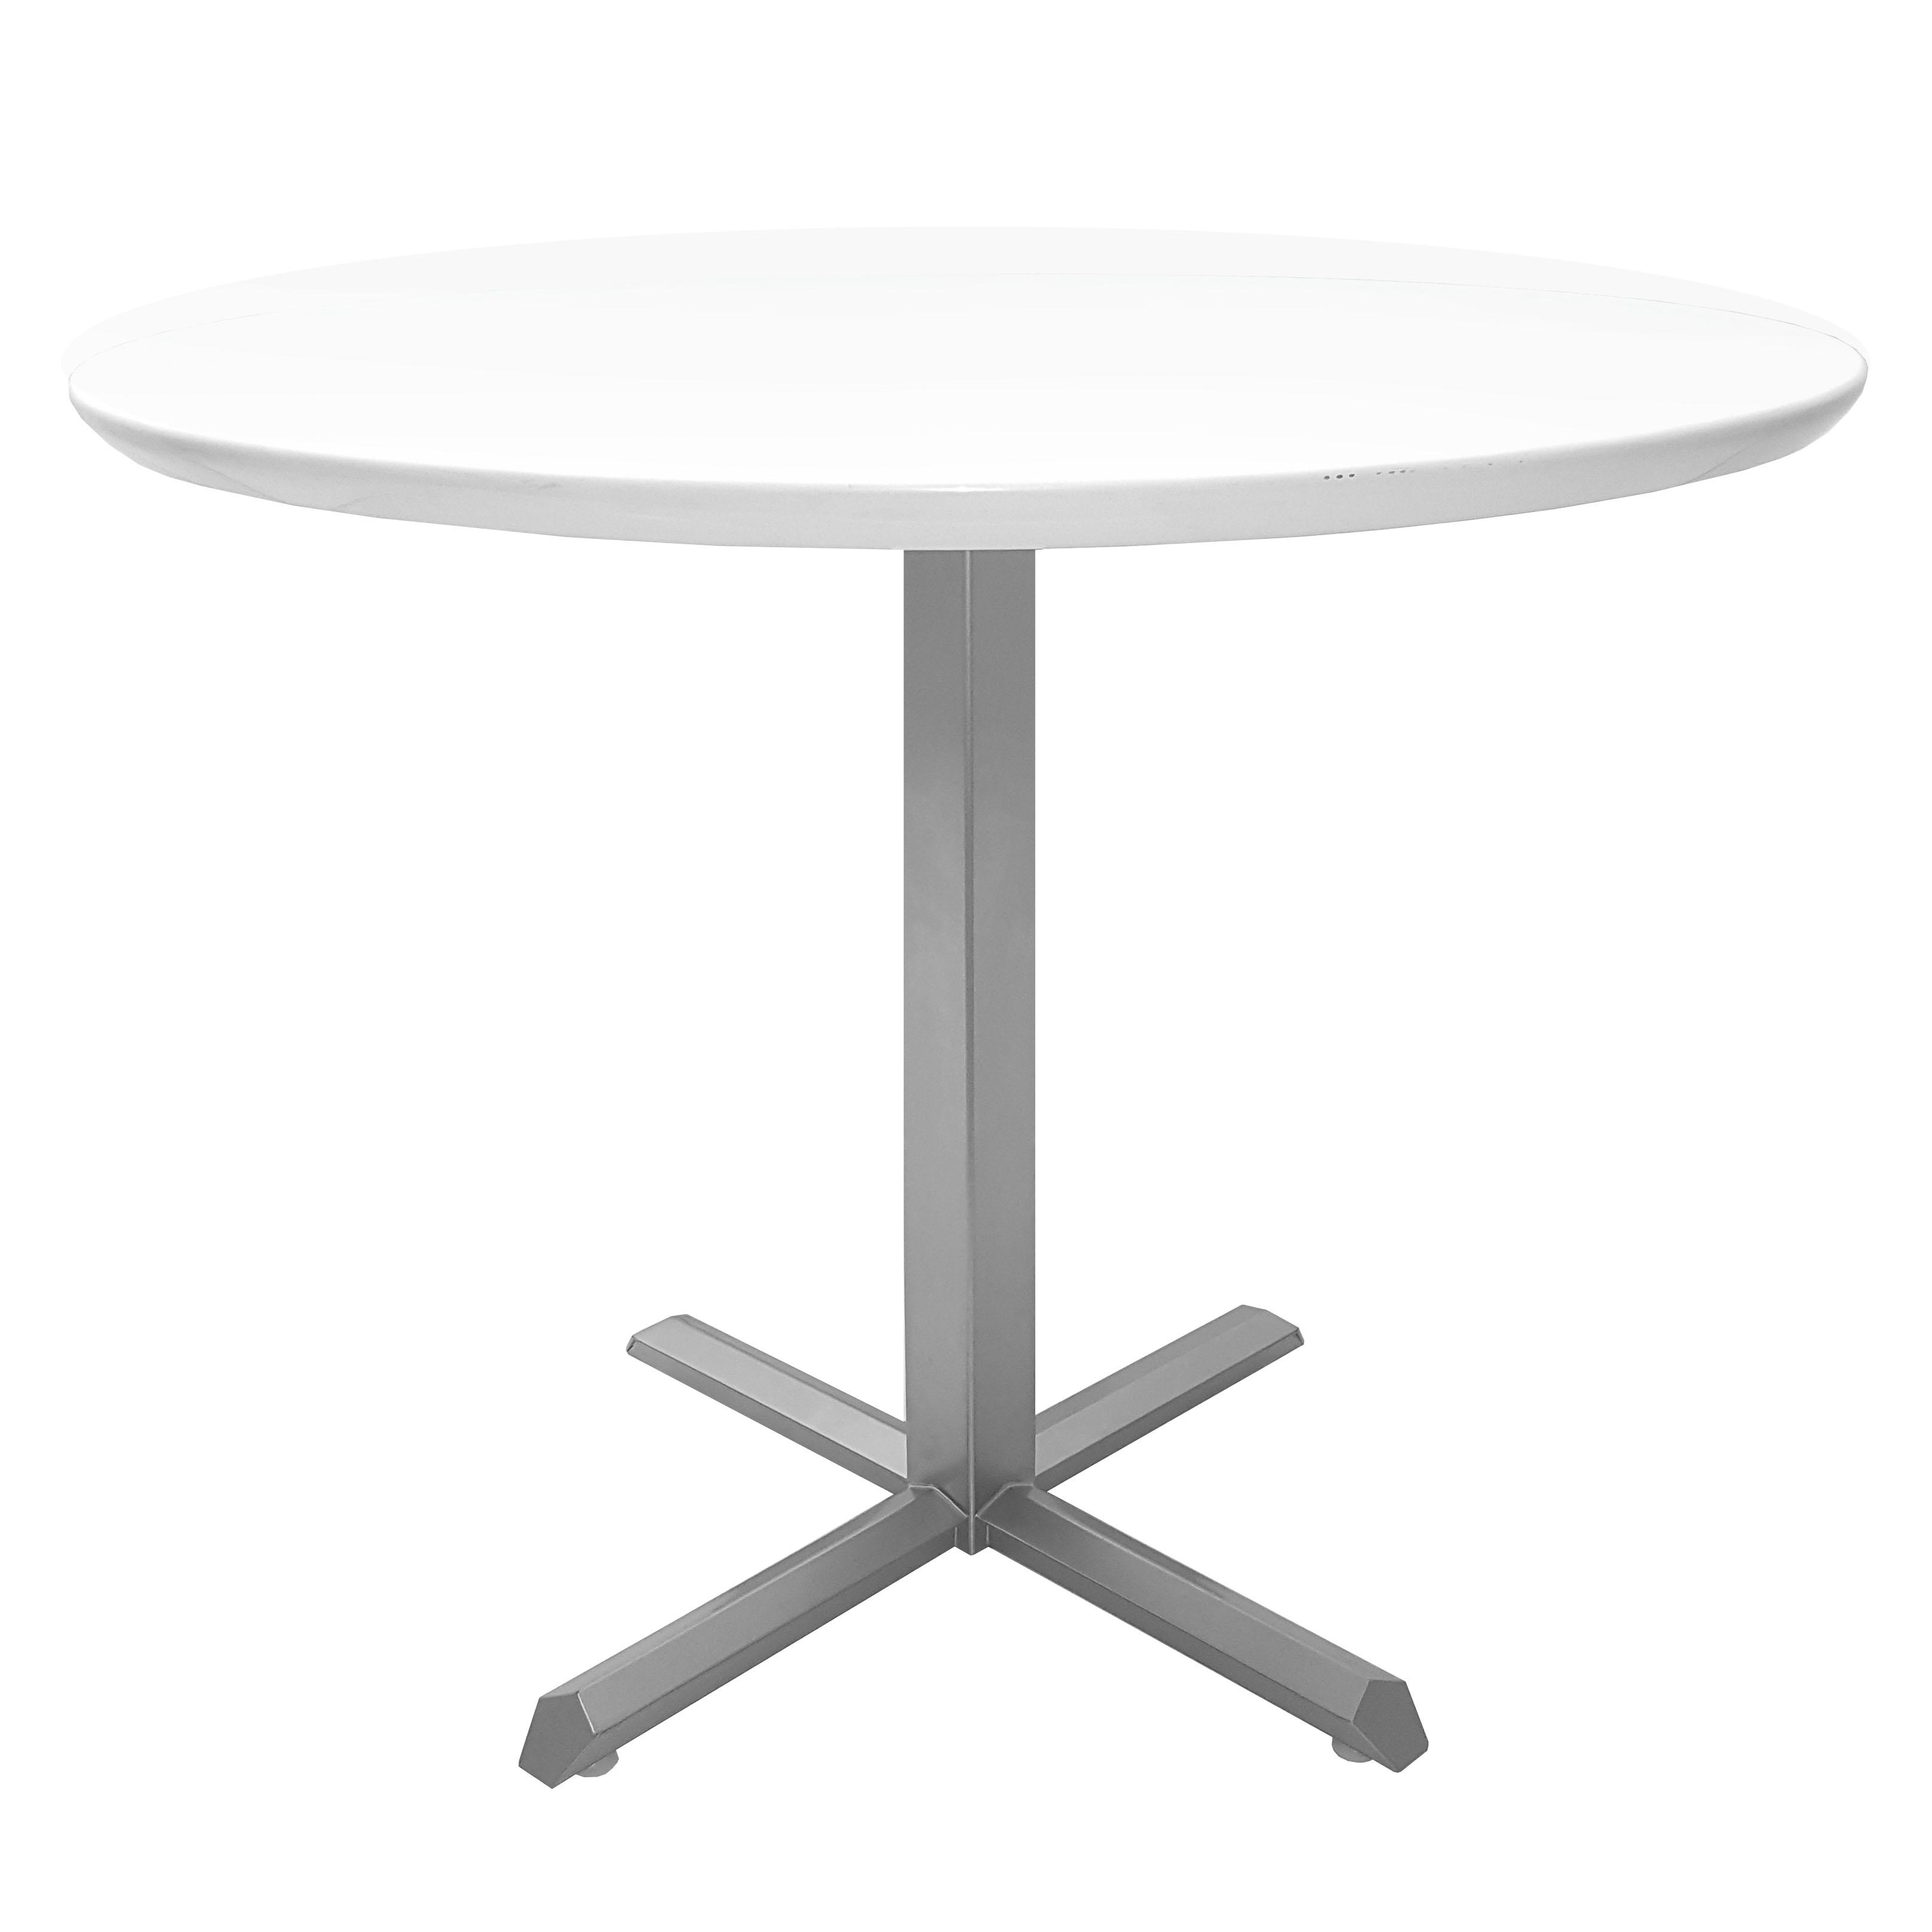 S Welded Steel Base - Welded table base